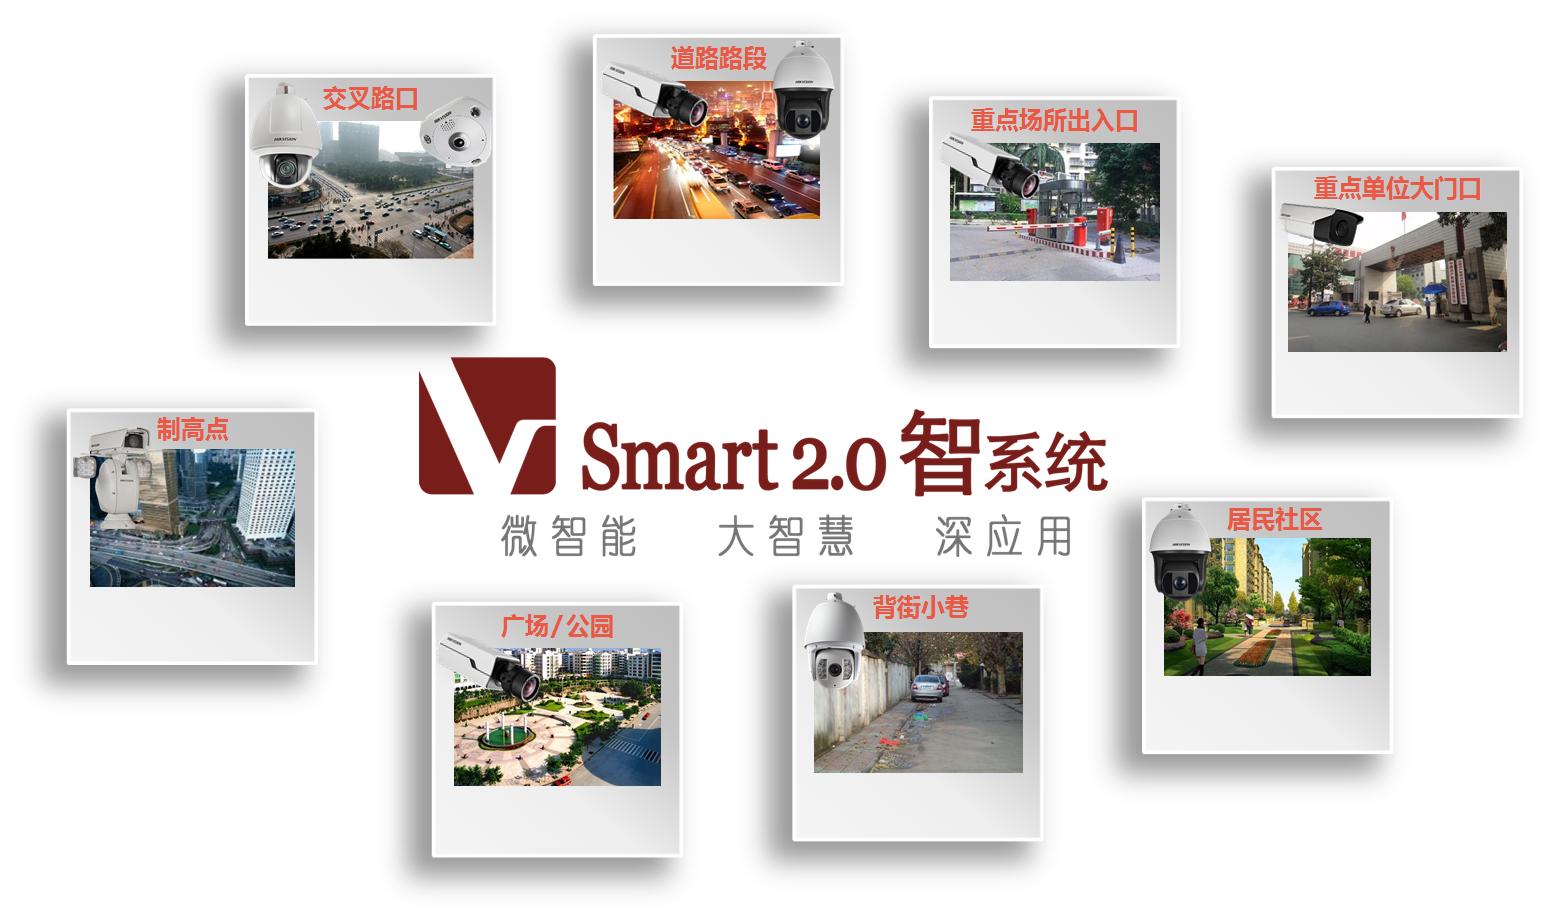 全城Smart智慧監控解決方案